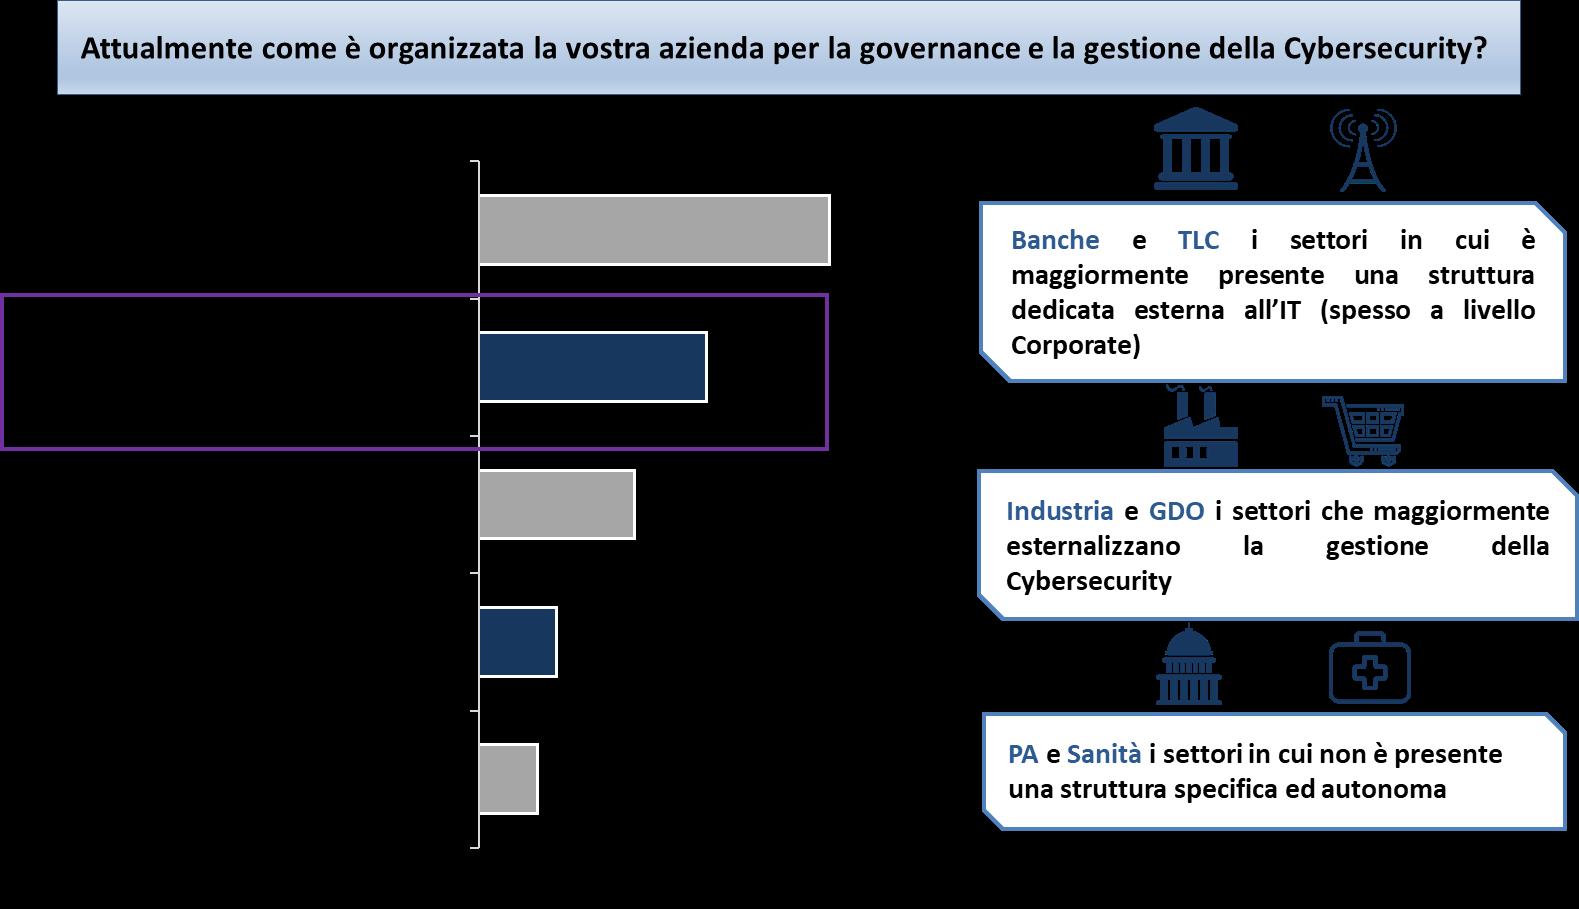 Modelli organizzativi per la gestione della Sicurezza -Fonte: Barometro Cybersecurity 2018